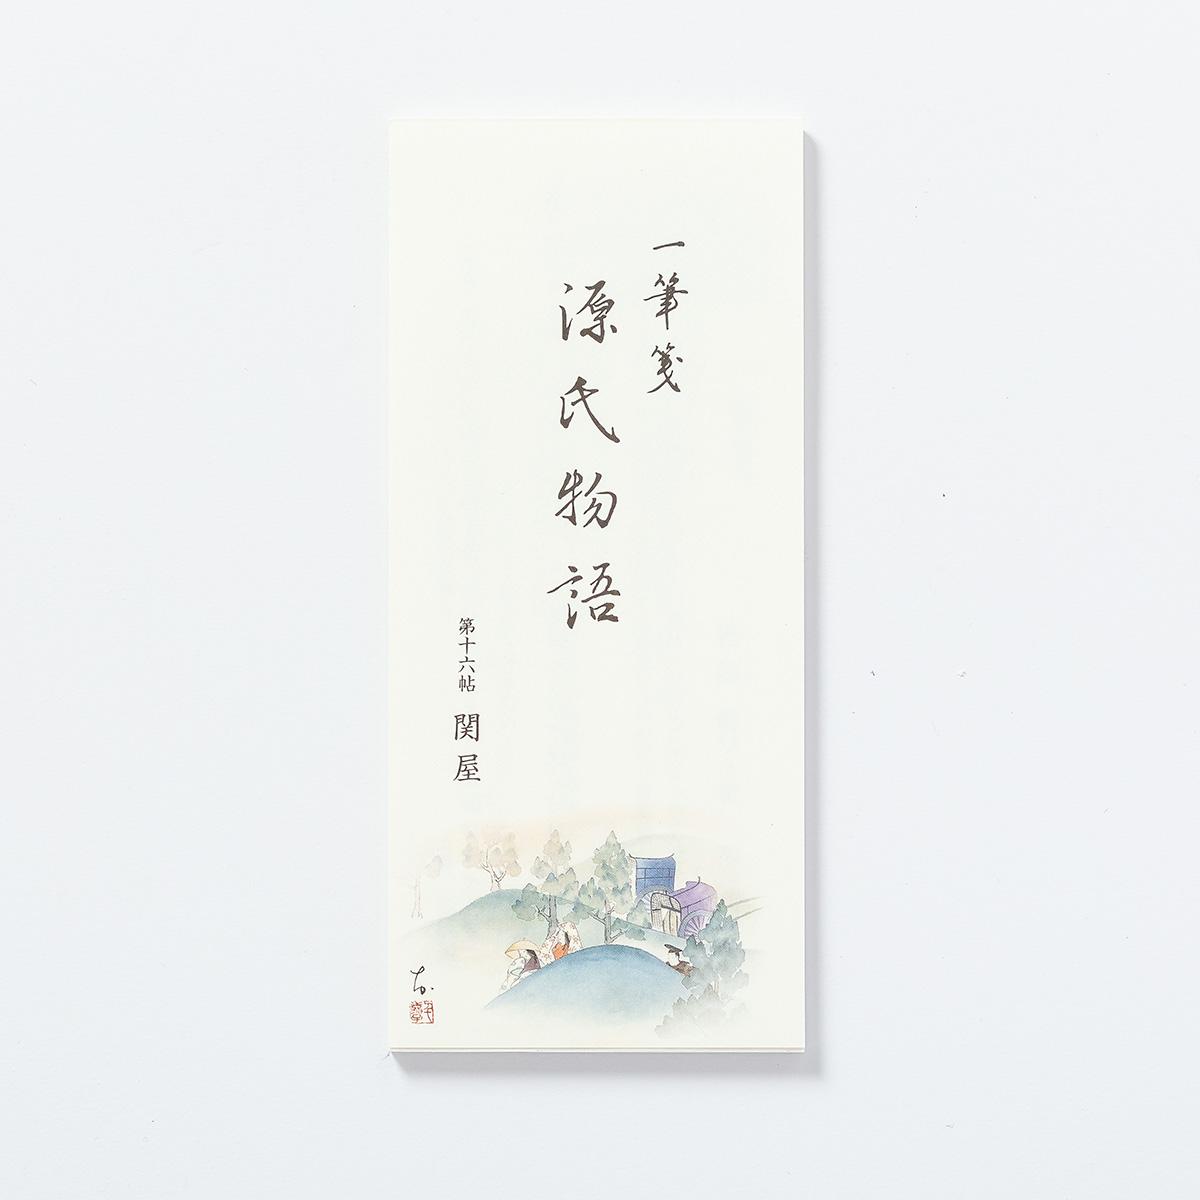 源氏物語一筆箋 第16帖「関屋」